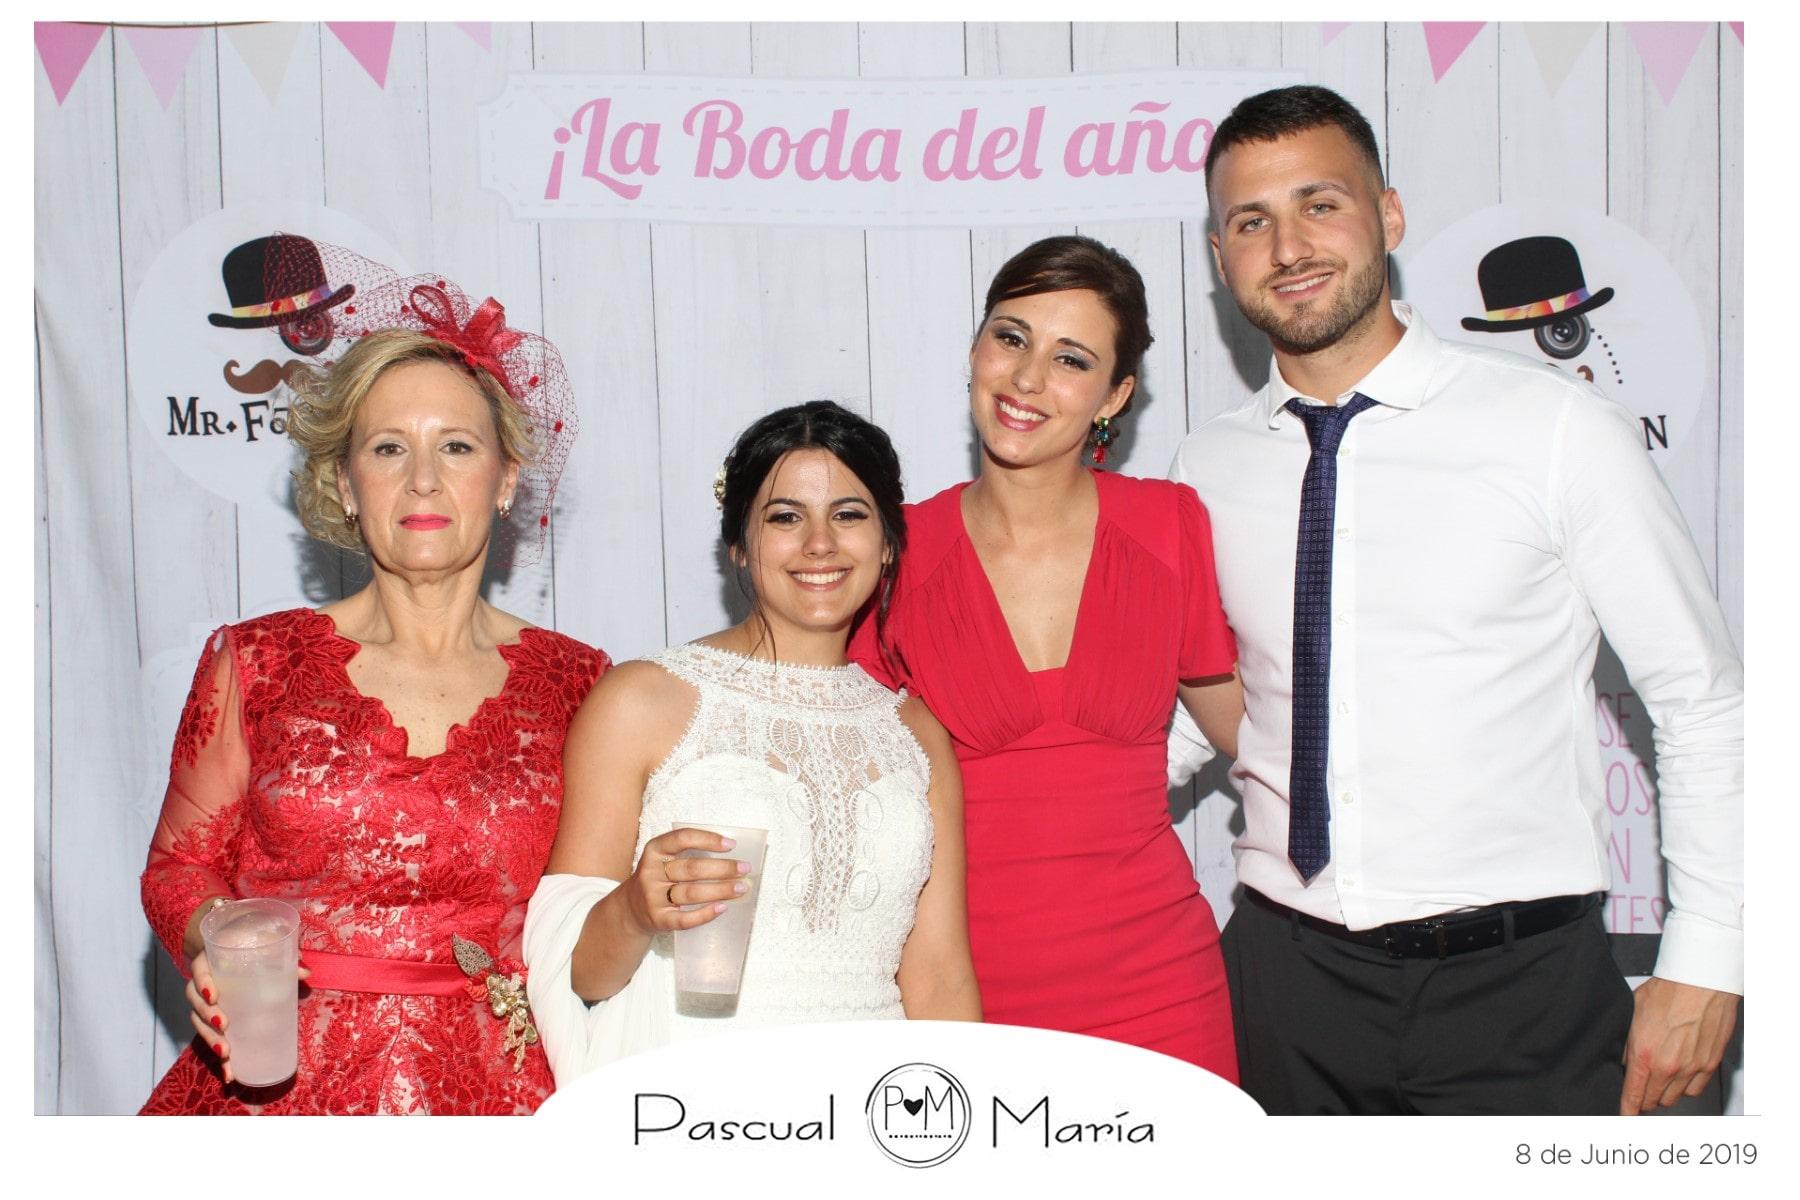 Pascual y Maria 08062019 MrFotomaton (57)-min